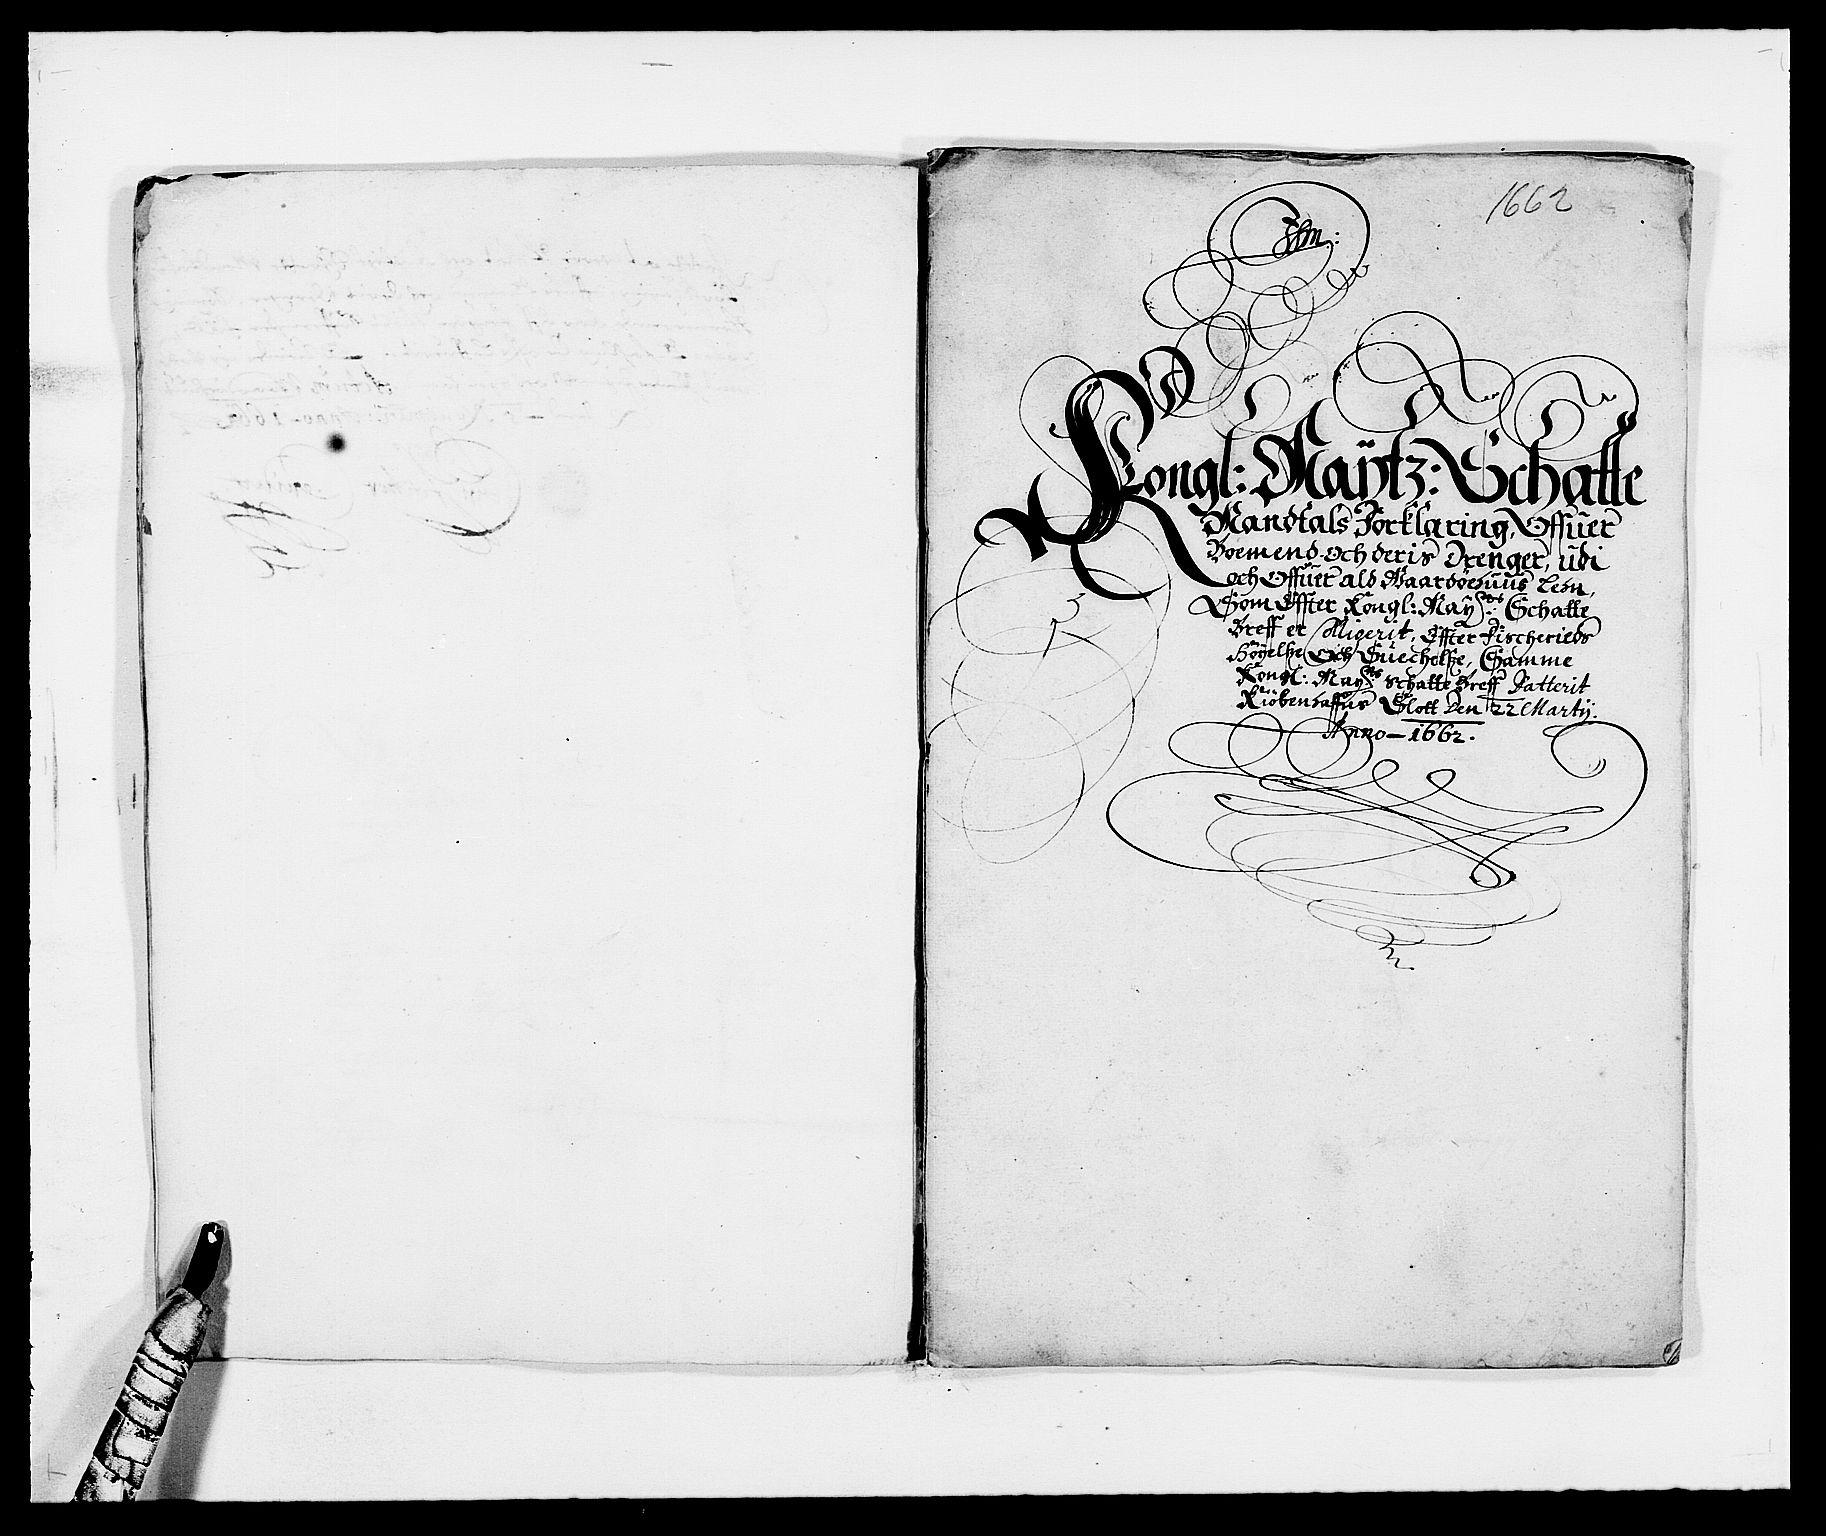 RA, Rentekammeret inntil 1814, Reviderte regnskaper, Fogderegnskap, R69/L4849: Fogderegnskap Finnmark/Vardøhus, 1661-1679, s. 24